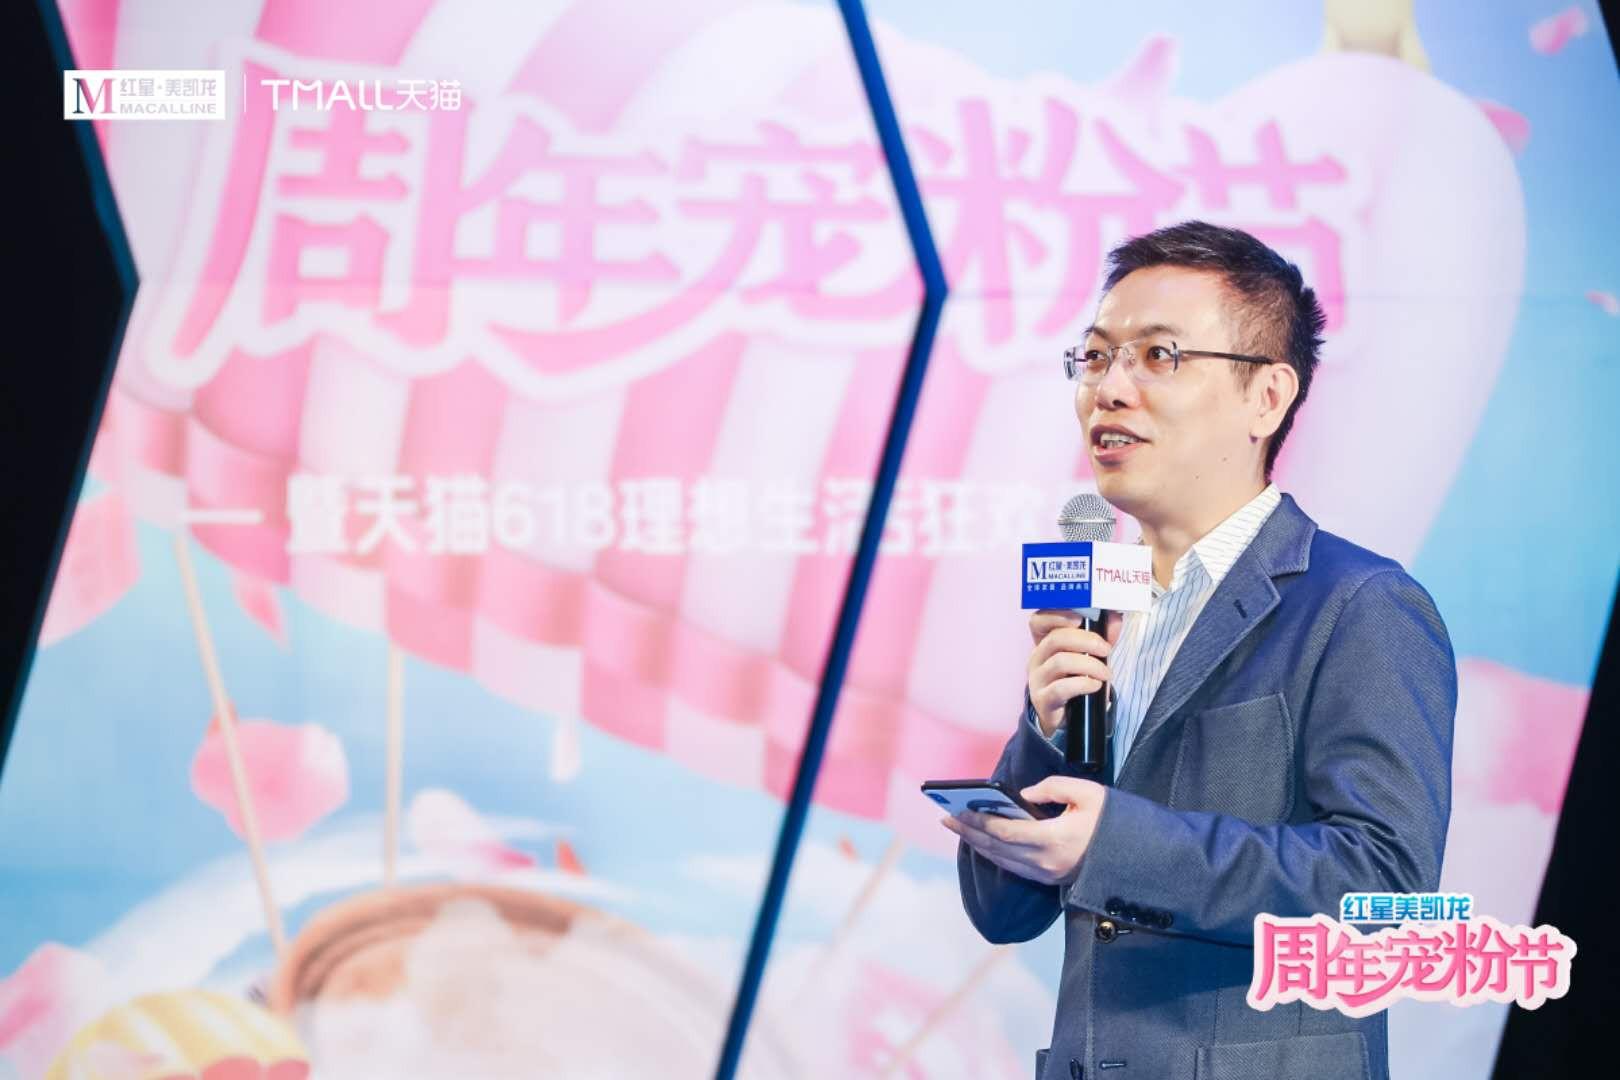 阿里妈妈客户营销中心总经理兼天猫内容中心总经理王俊.jpg